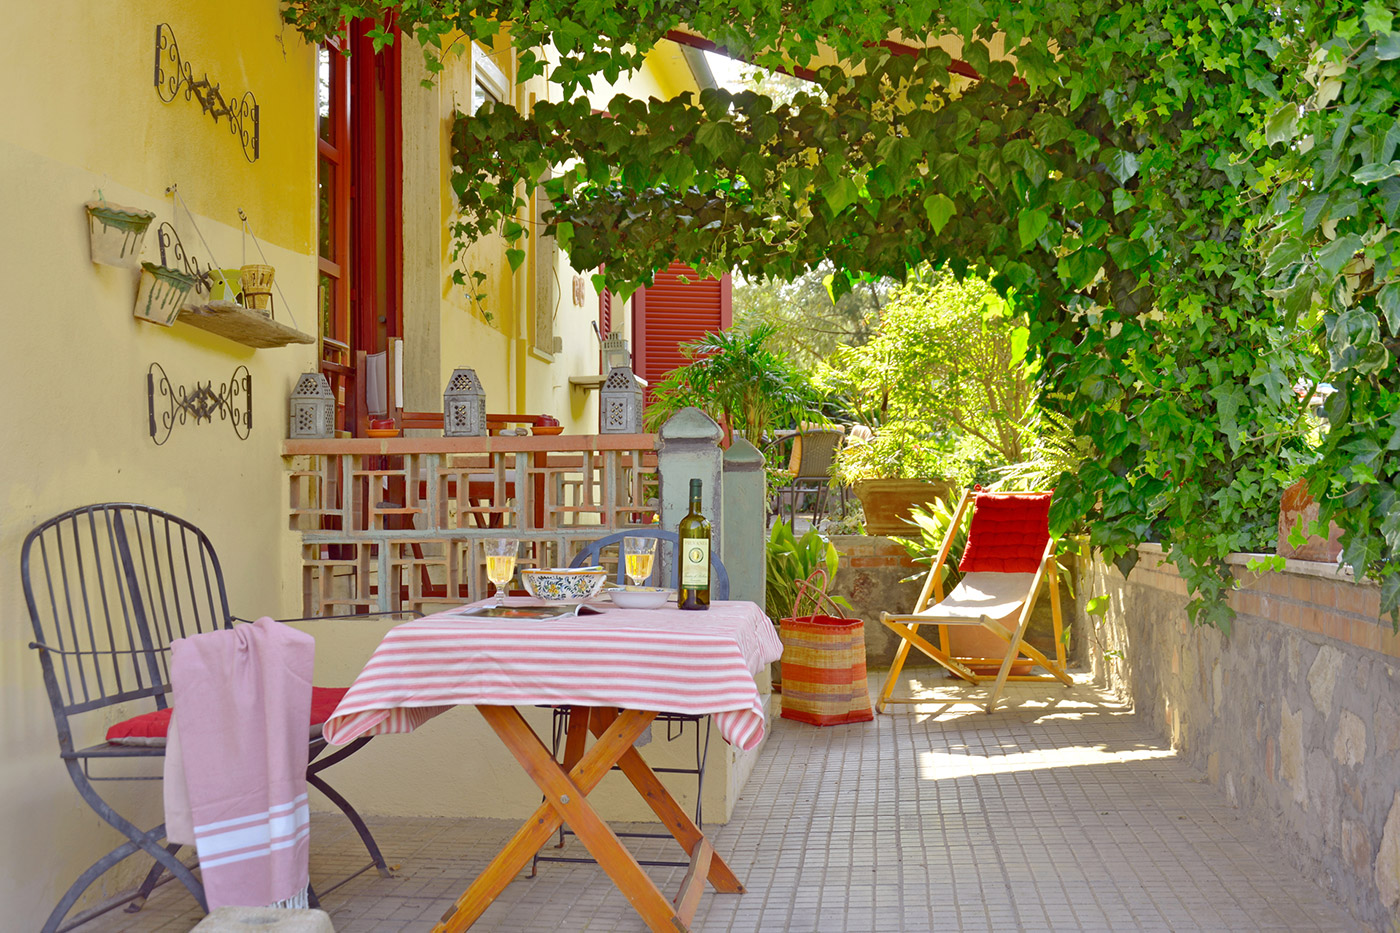 Toskana Urlaub Ferienwohnung C Terrasse